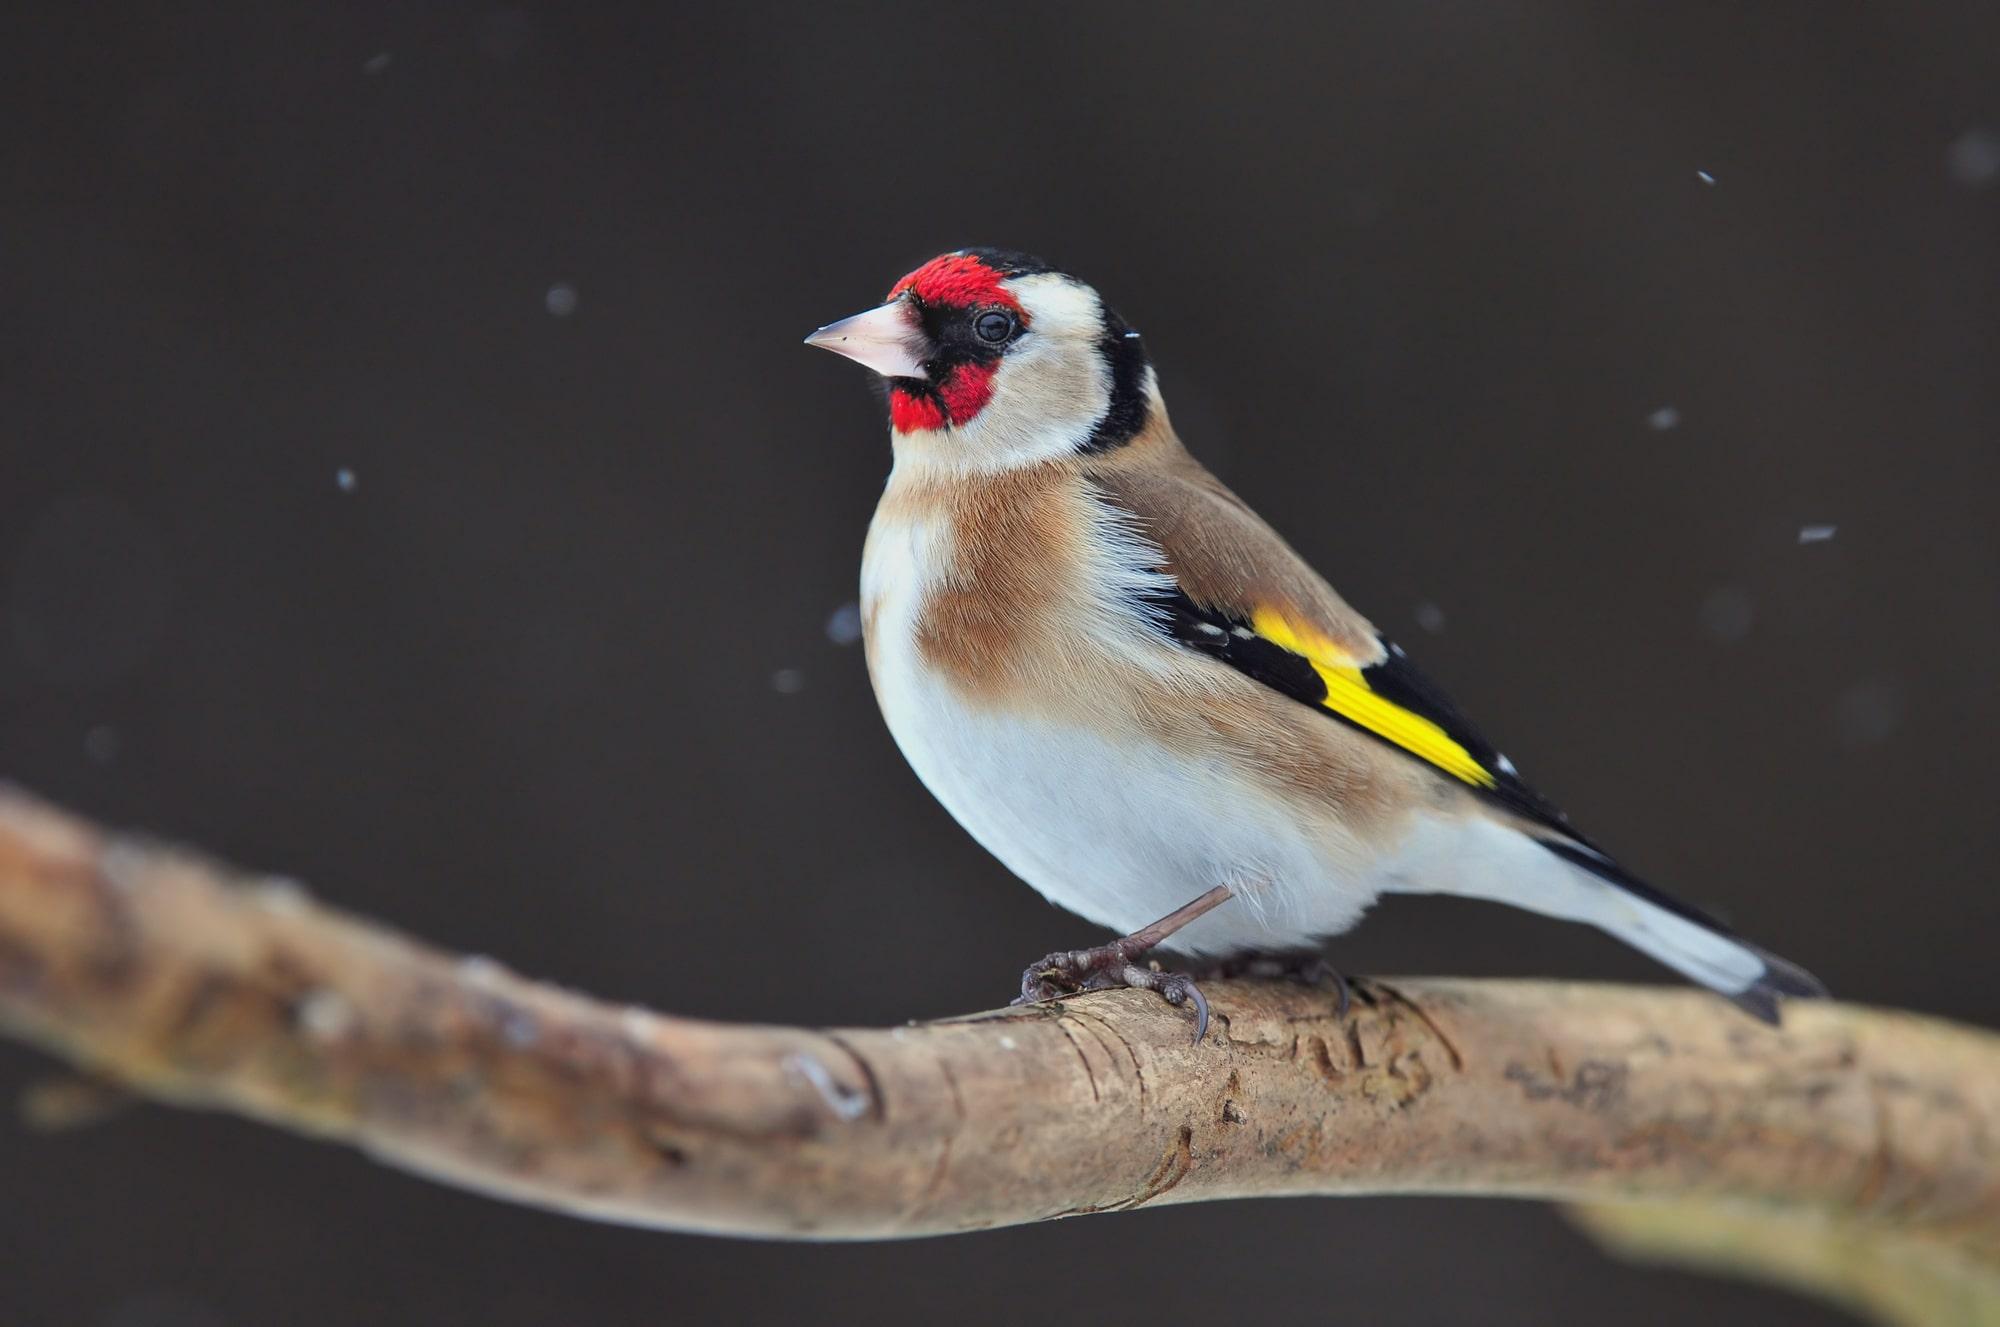 A British goldfinch